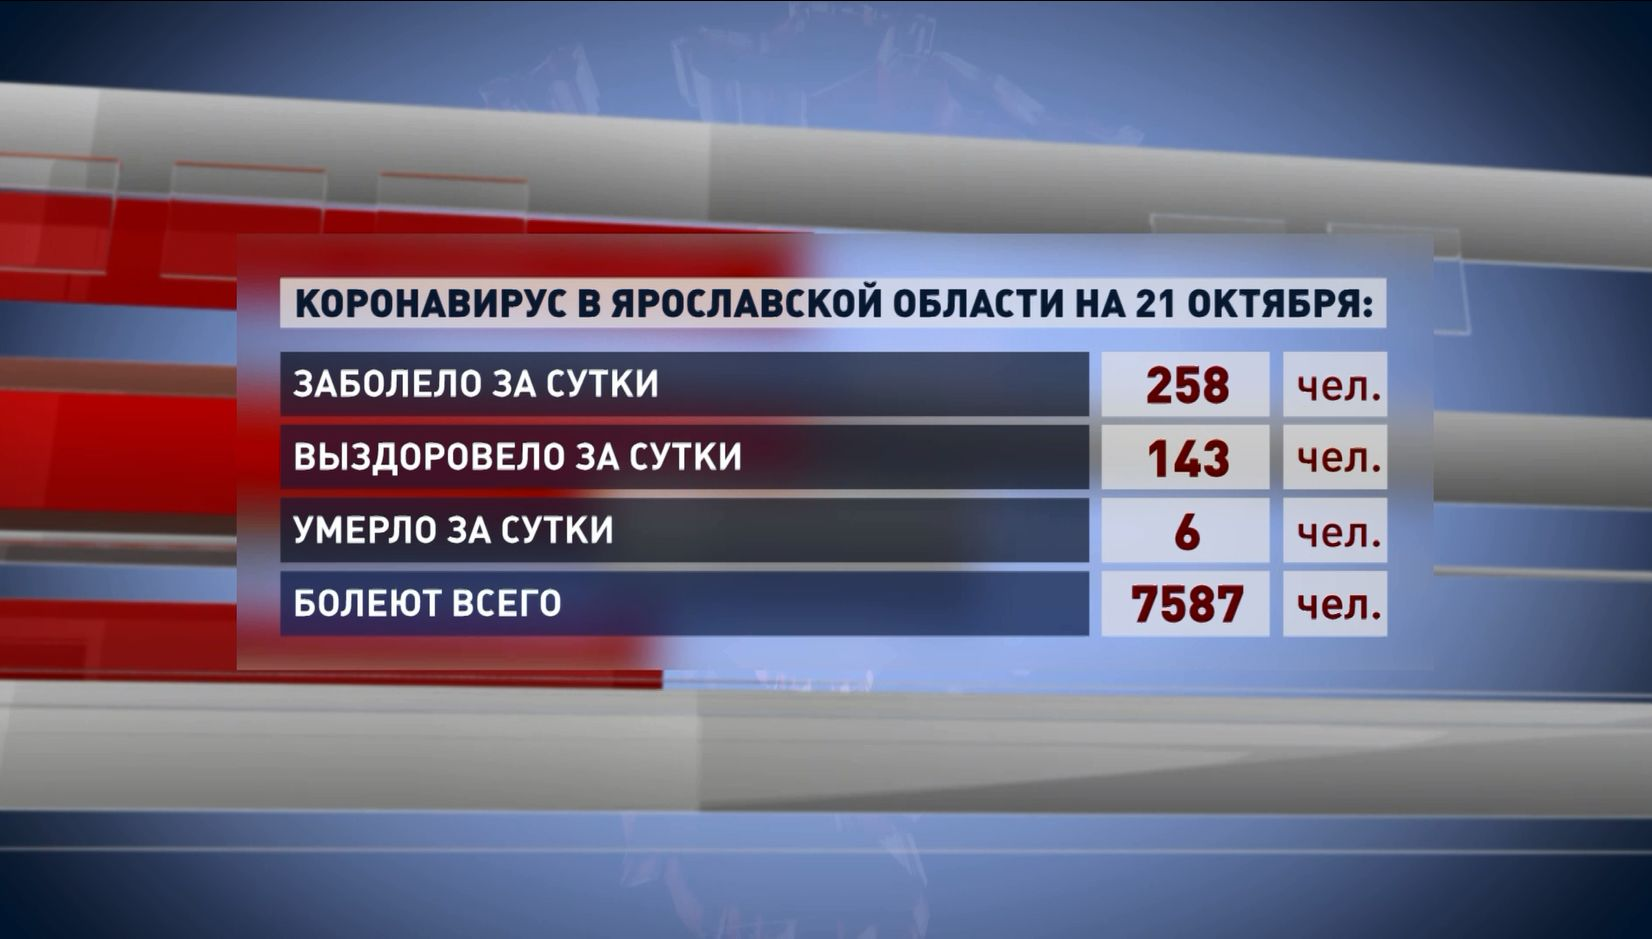 В Ярославской области второй день антирекорды по заболеваемости коронавирусом